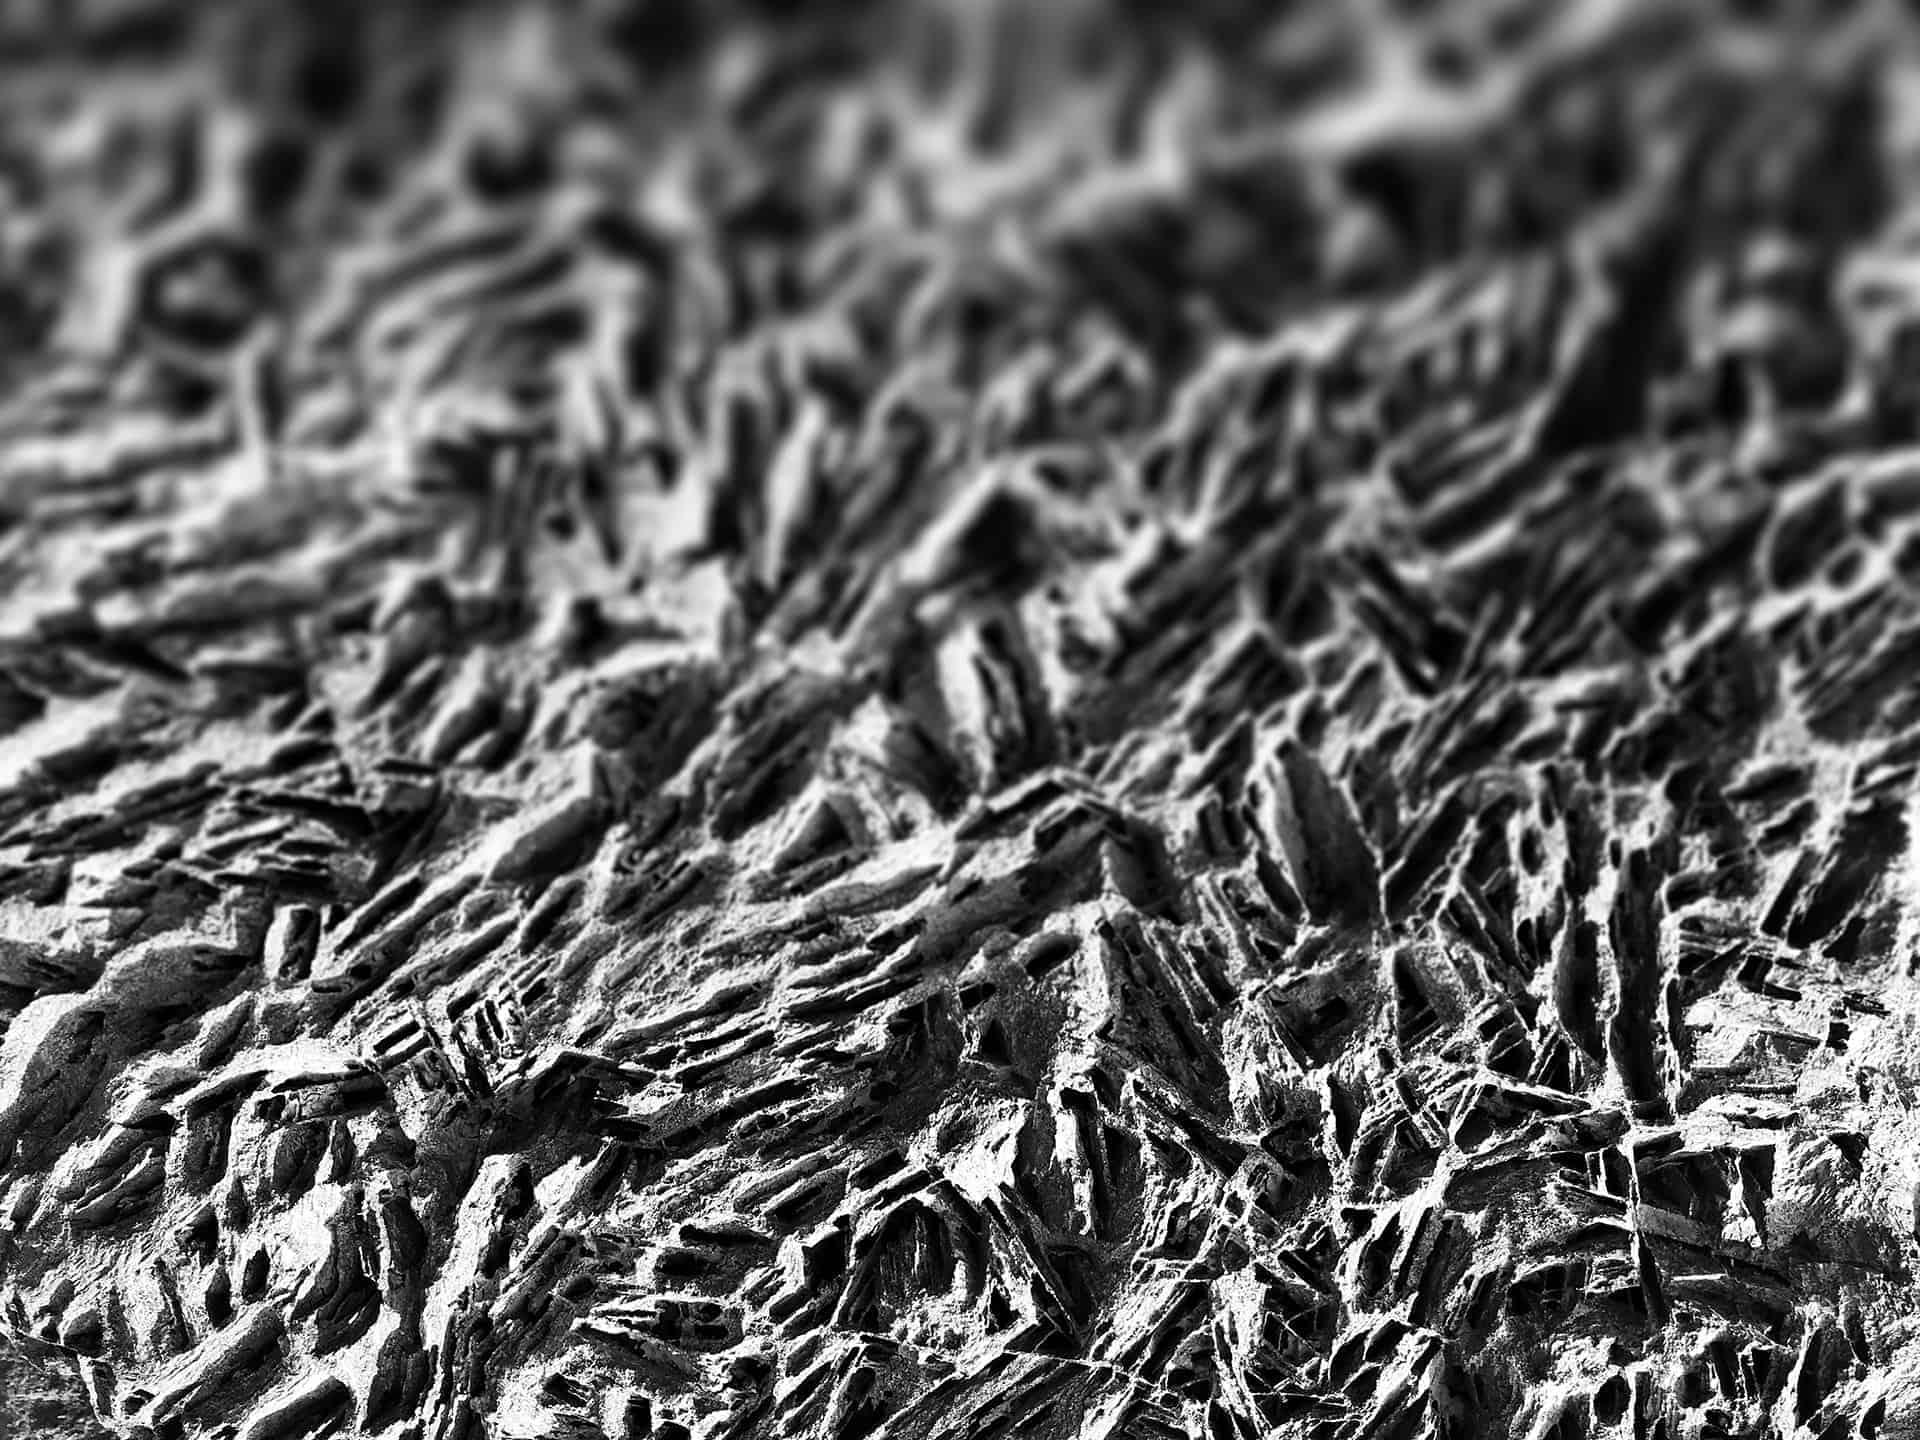 artnorama - Baked Stone